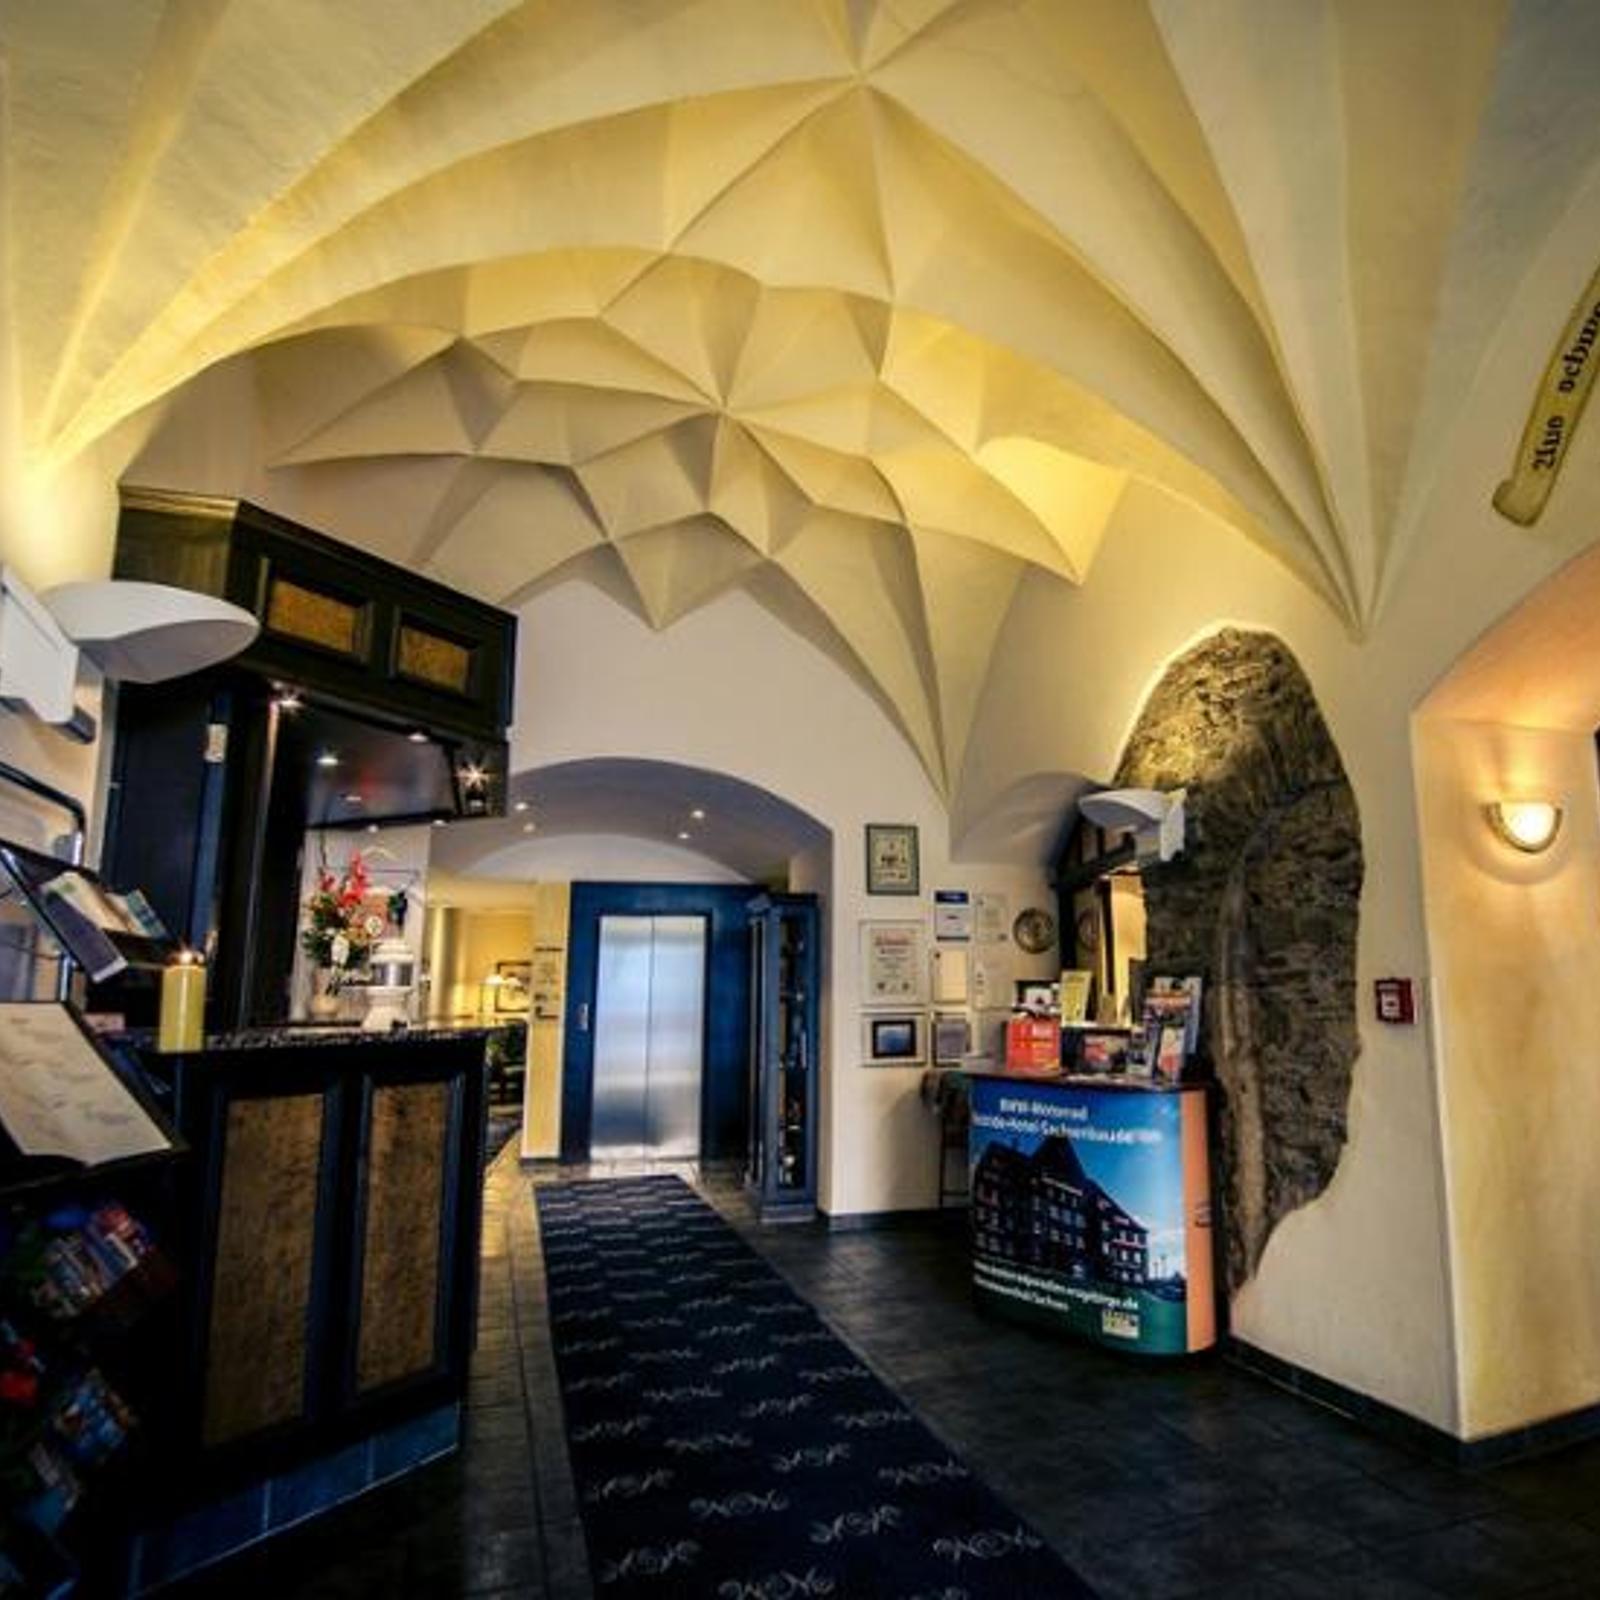 Kurzreise Erzgebirge Annaberg 3 Tage 4 Sterne Hotel 2 Personen Gutschein Sauna